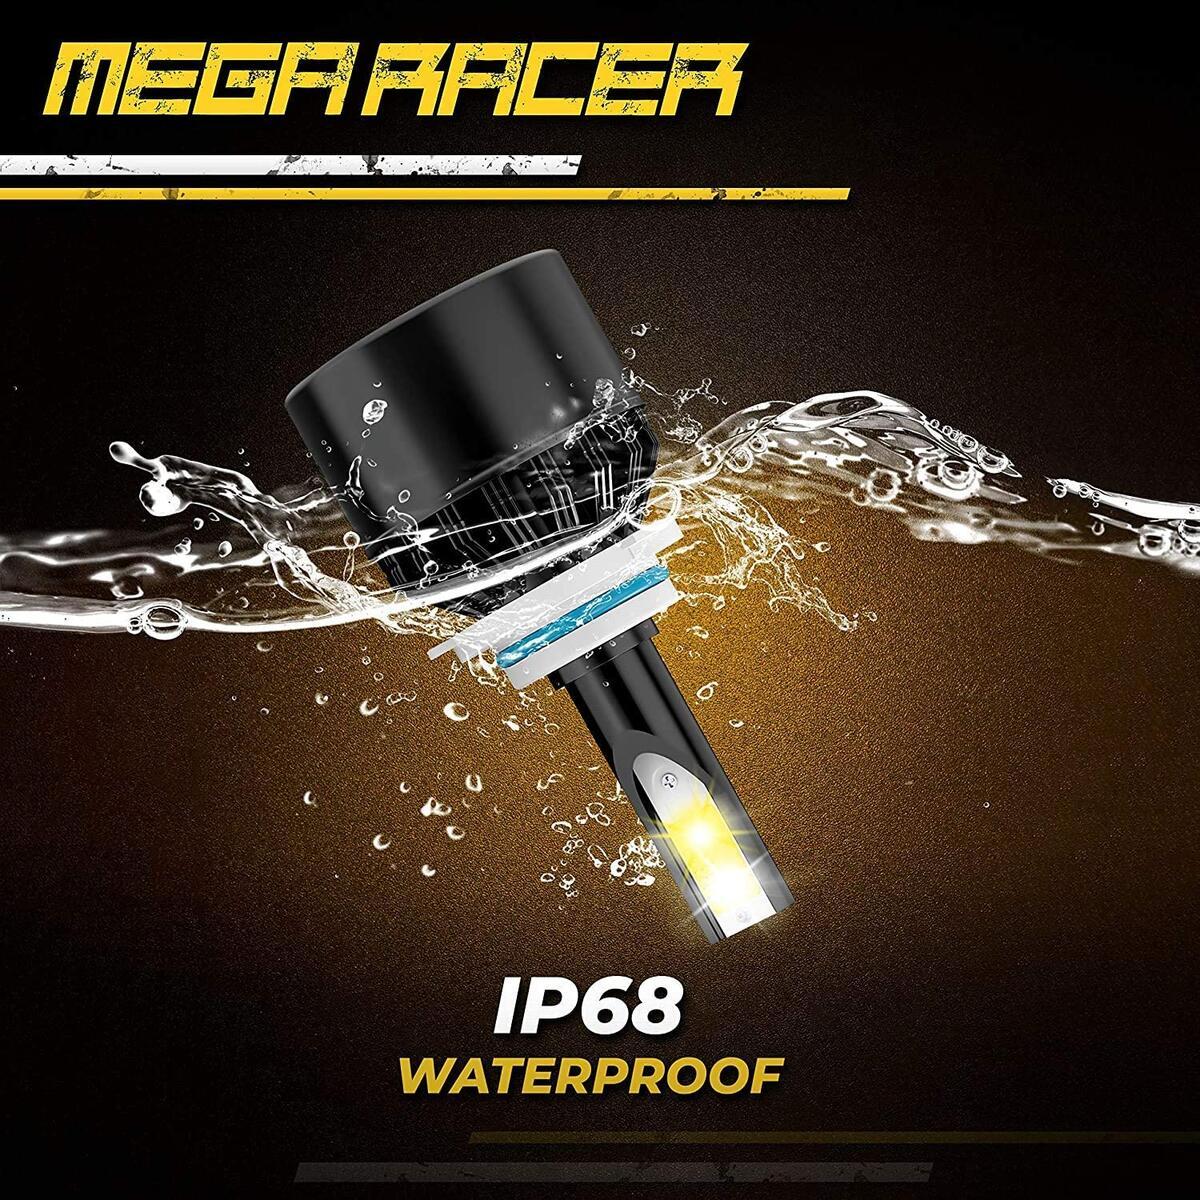 Mega Racer 9006/HB4 Fog Lights LED Headlight Bulb, 3 Changeable Colors for Fog Light Replacement Bulb (6000K Diamond White, 3000K Golden Yellow, 4300K Warm White), 50W 8000 Lumens COB IP68, Pack of 2